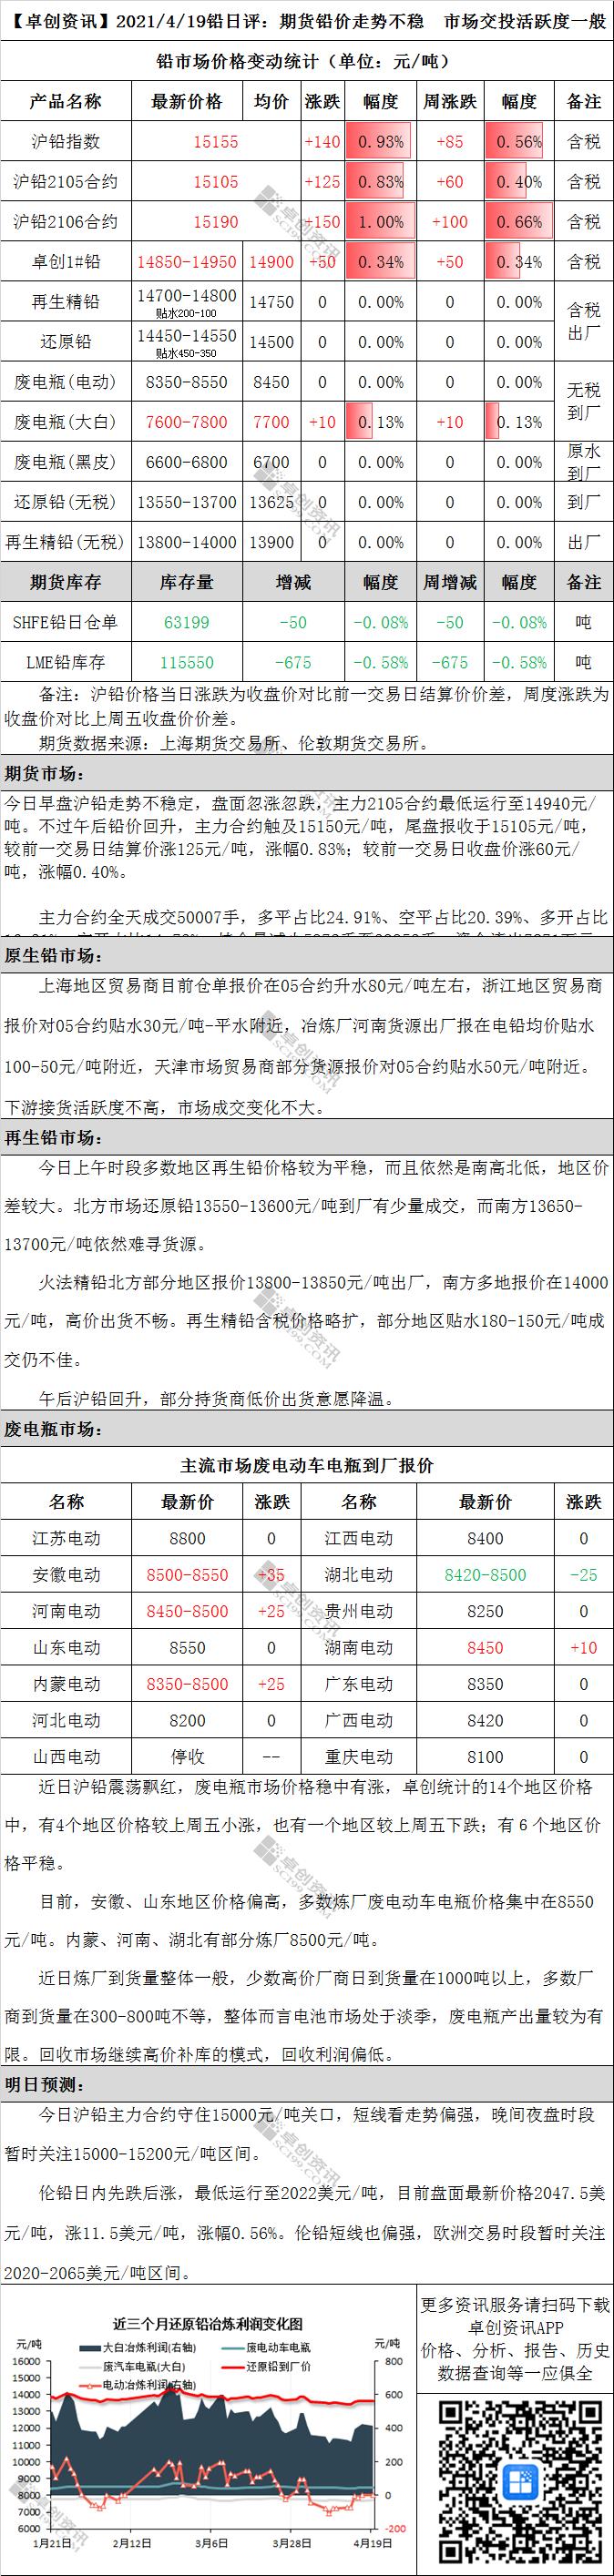 期货铅价走势不稳 市场交投活跃度一般